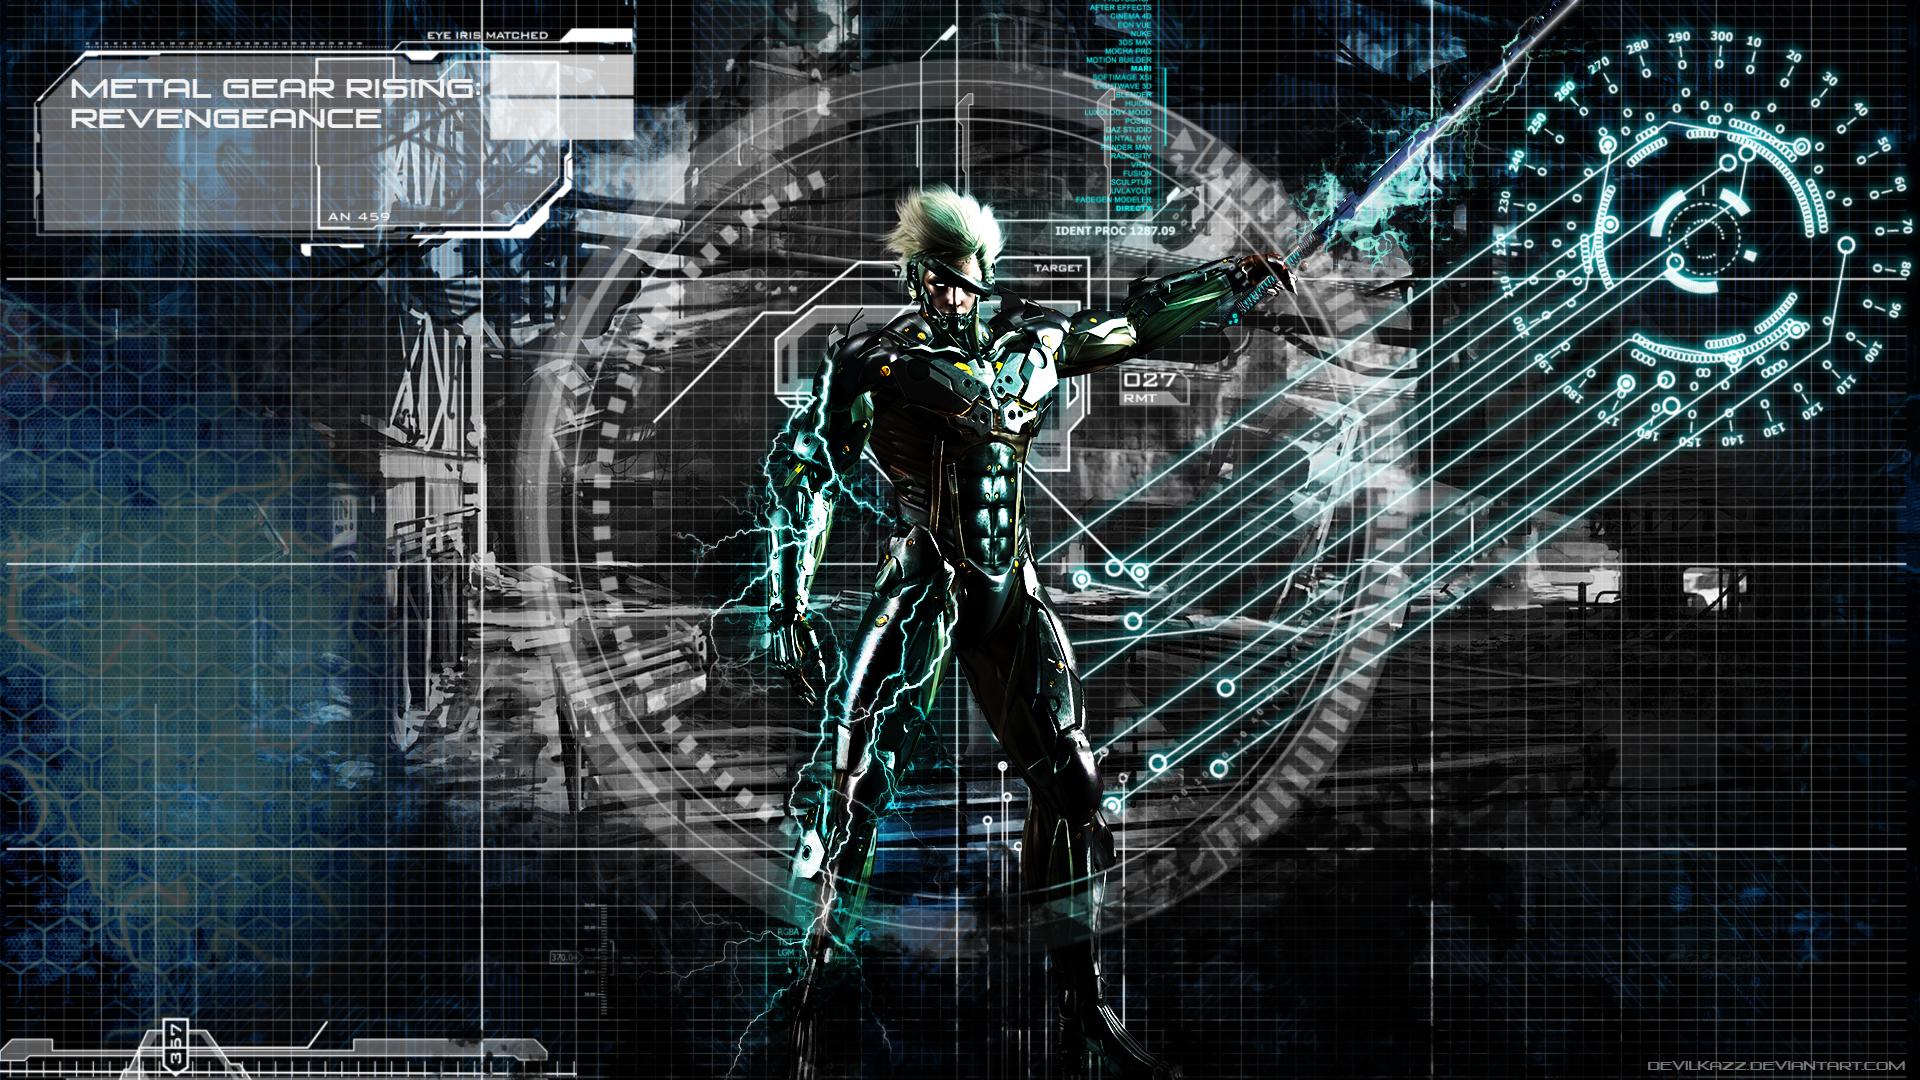 metal gear rising: revengeancedevilkazz on deviantart